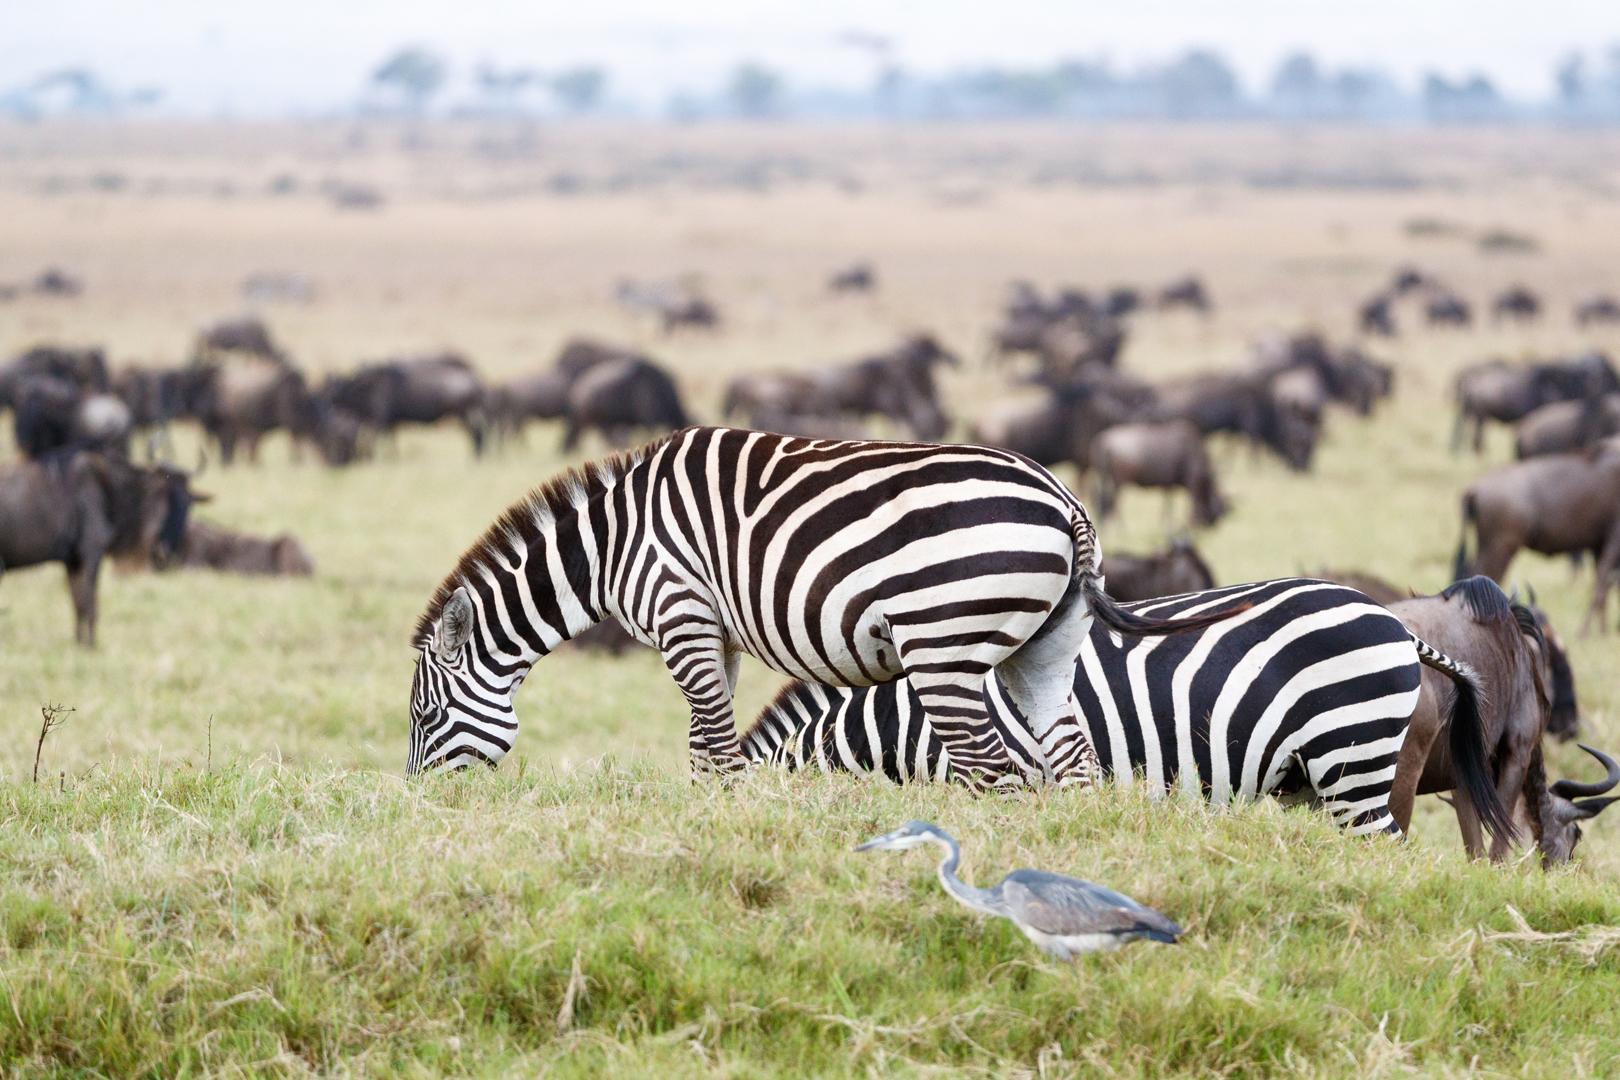 Zebra and Wildebeest Grazing in Africa.jpg